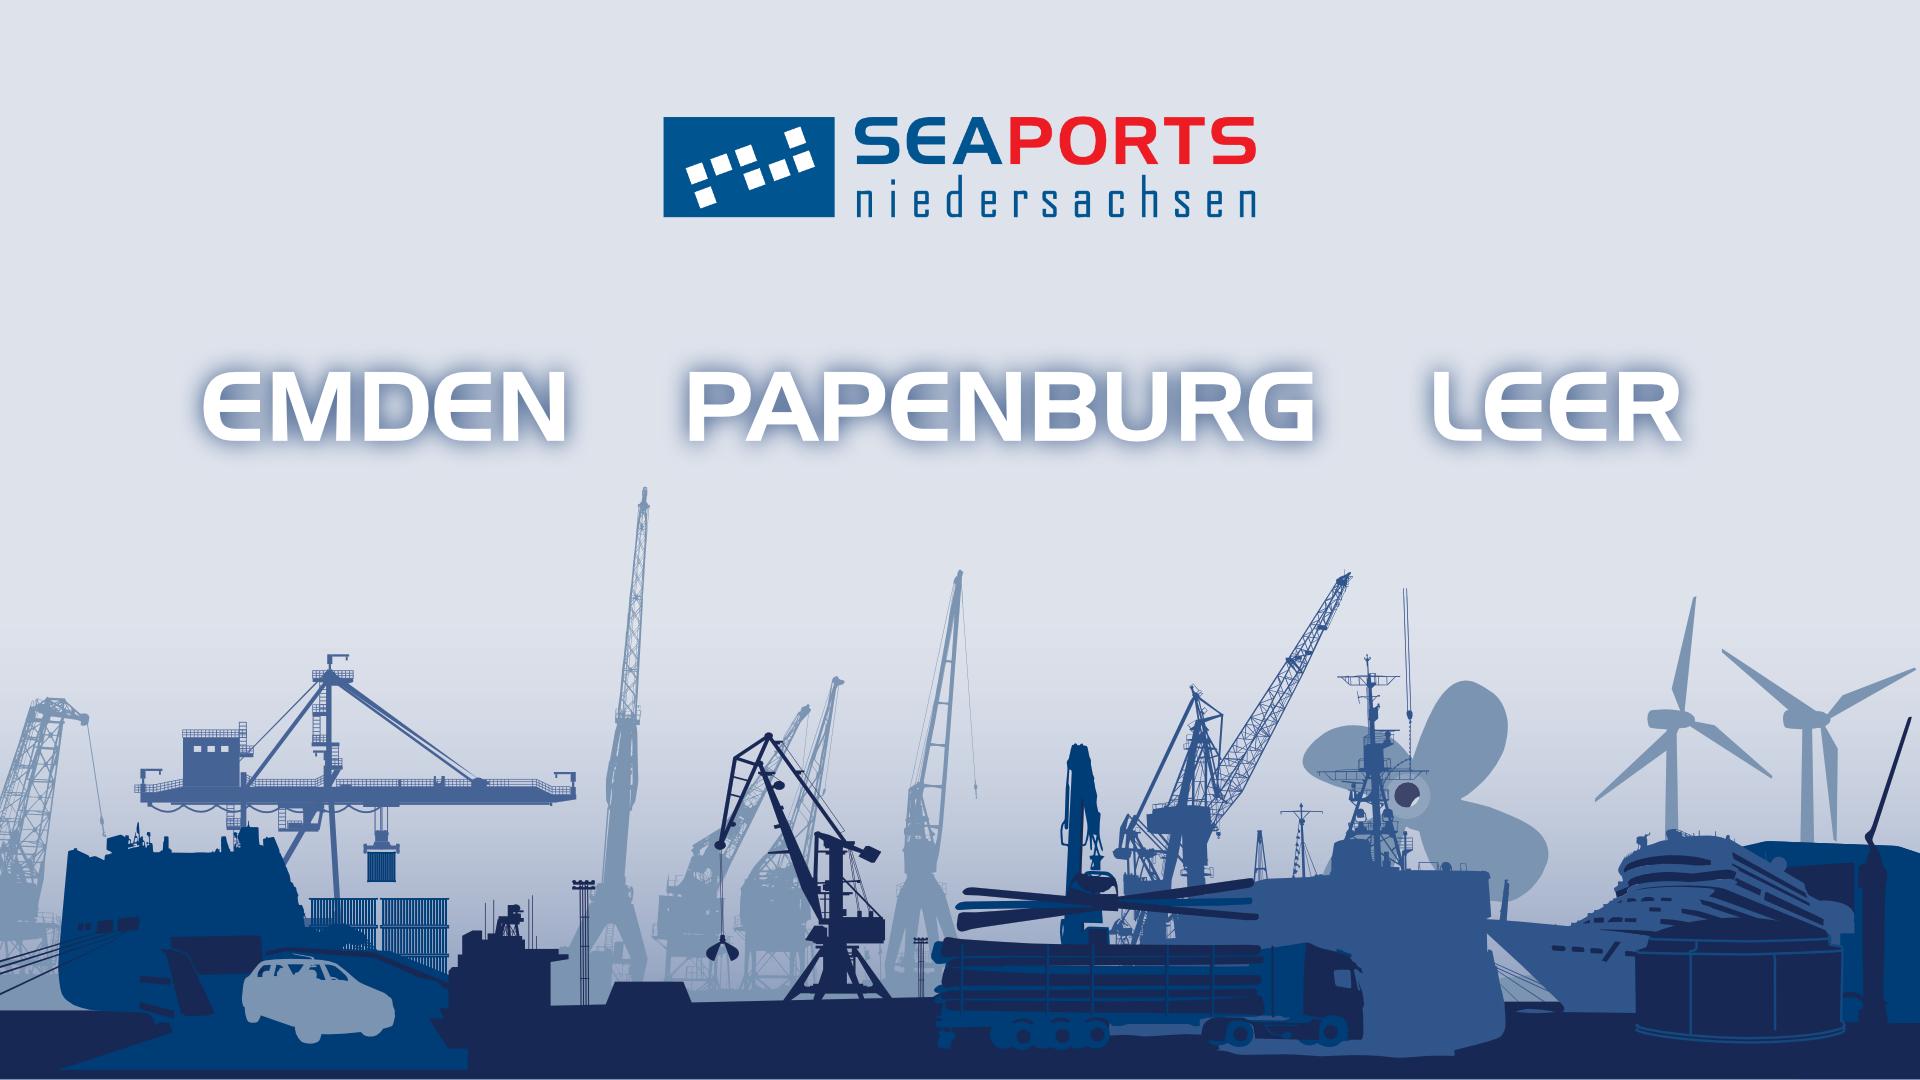 2021-06-03_Seaports_Hintergrund_Ausbildngsmesse_digital.jpg – Seaports of Niedersachsen GmbH